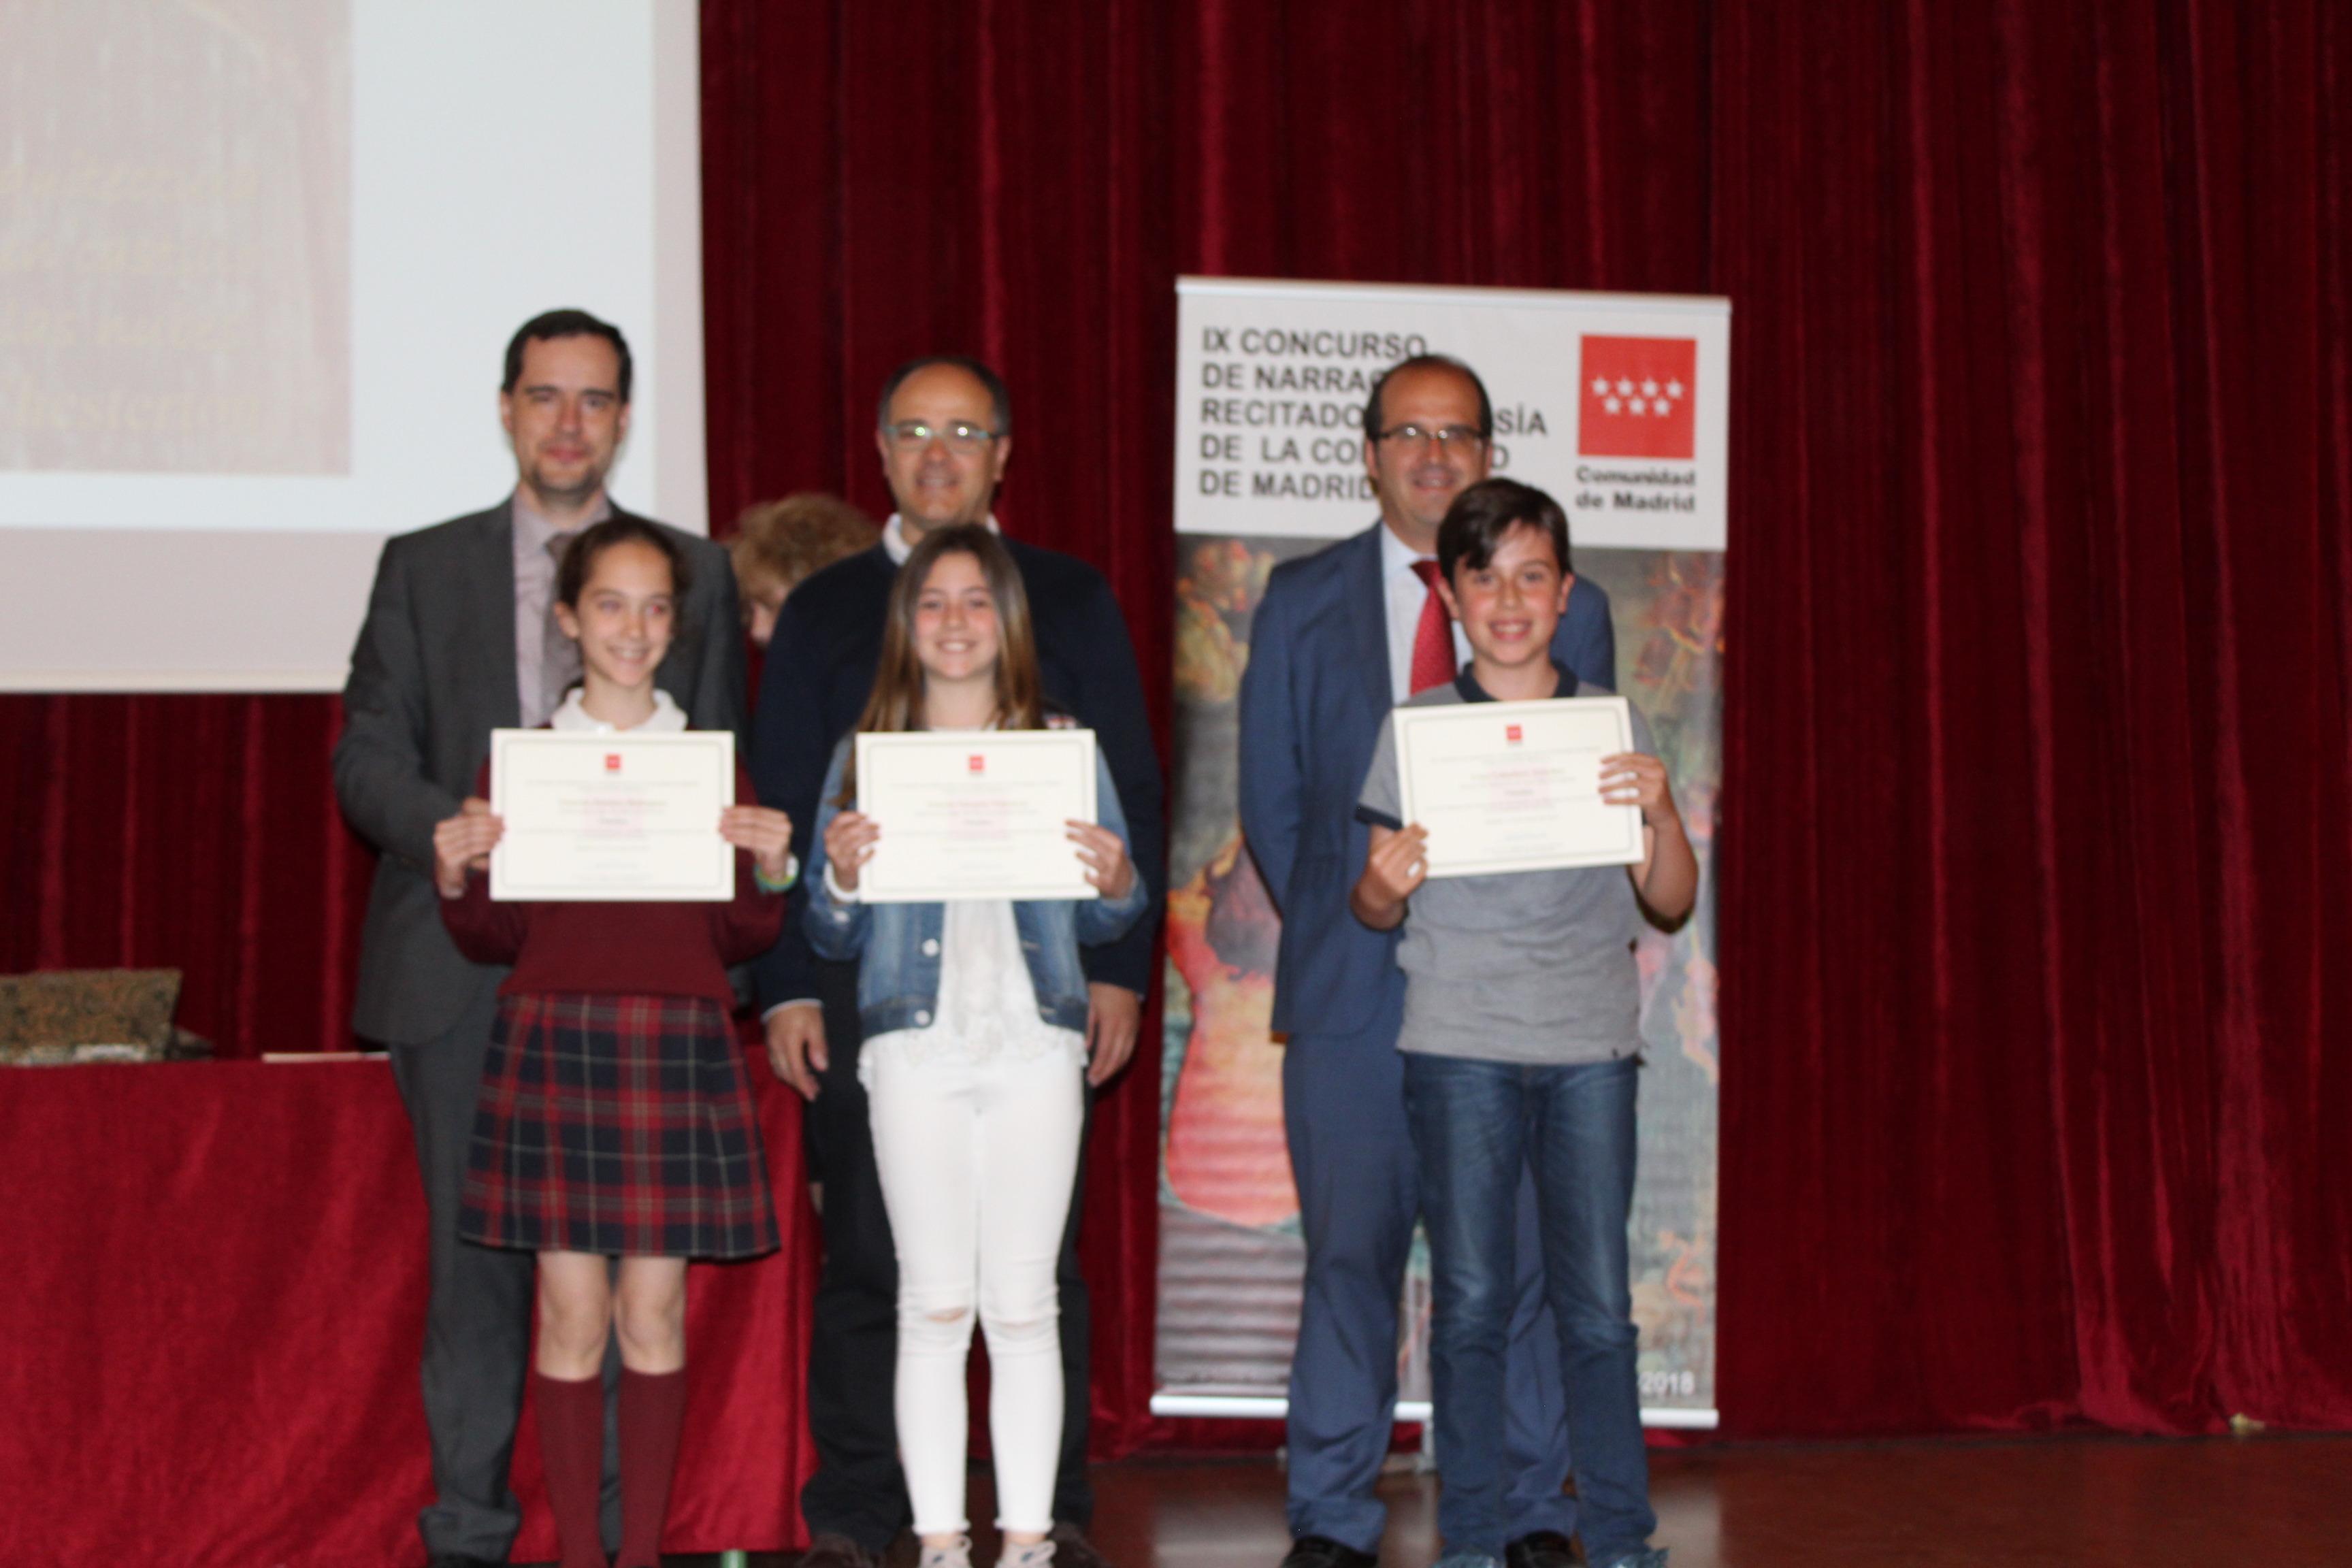 Entrega de los premios del IX Concurso de Narración y Recitado de Poesía 6